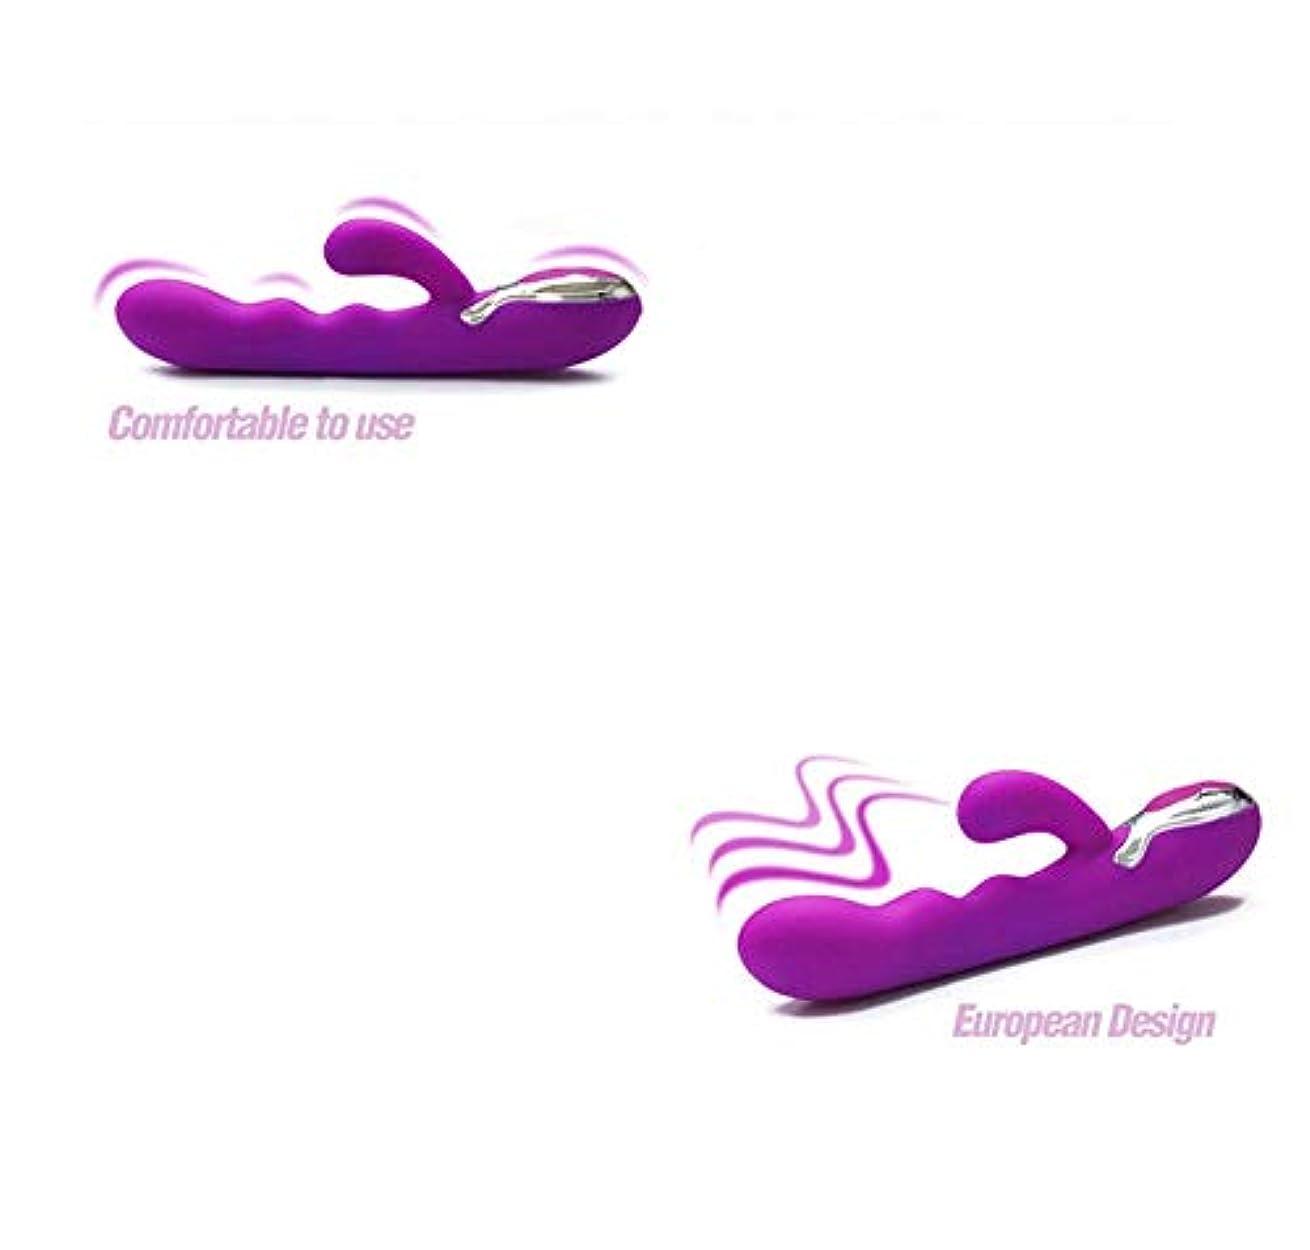 しっとり学士小麦KGJJHYBGTOY 詳細シリコーン防水USB充電式デザインモード高速加速リアル RELAX MASSAGE BODY